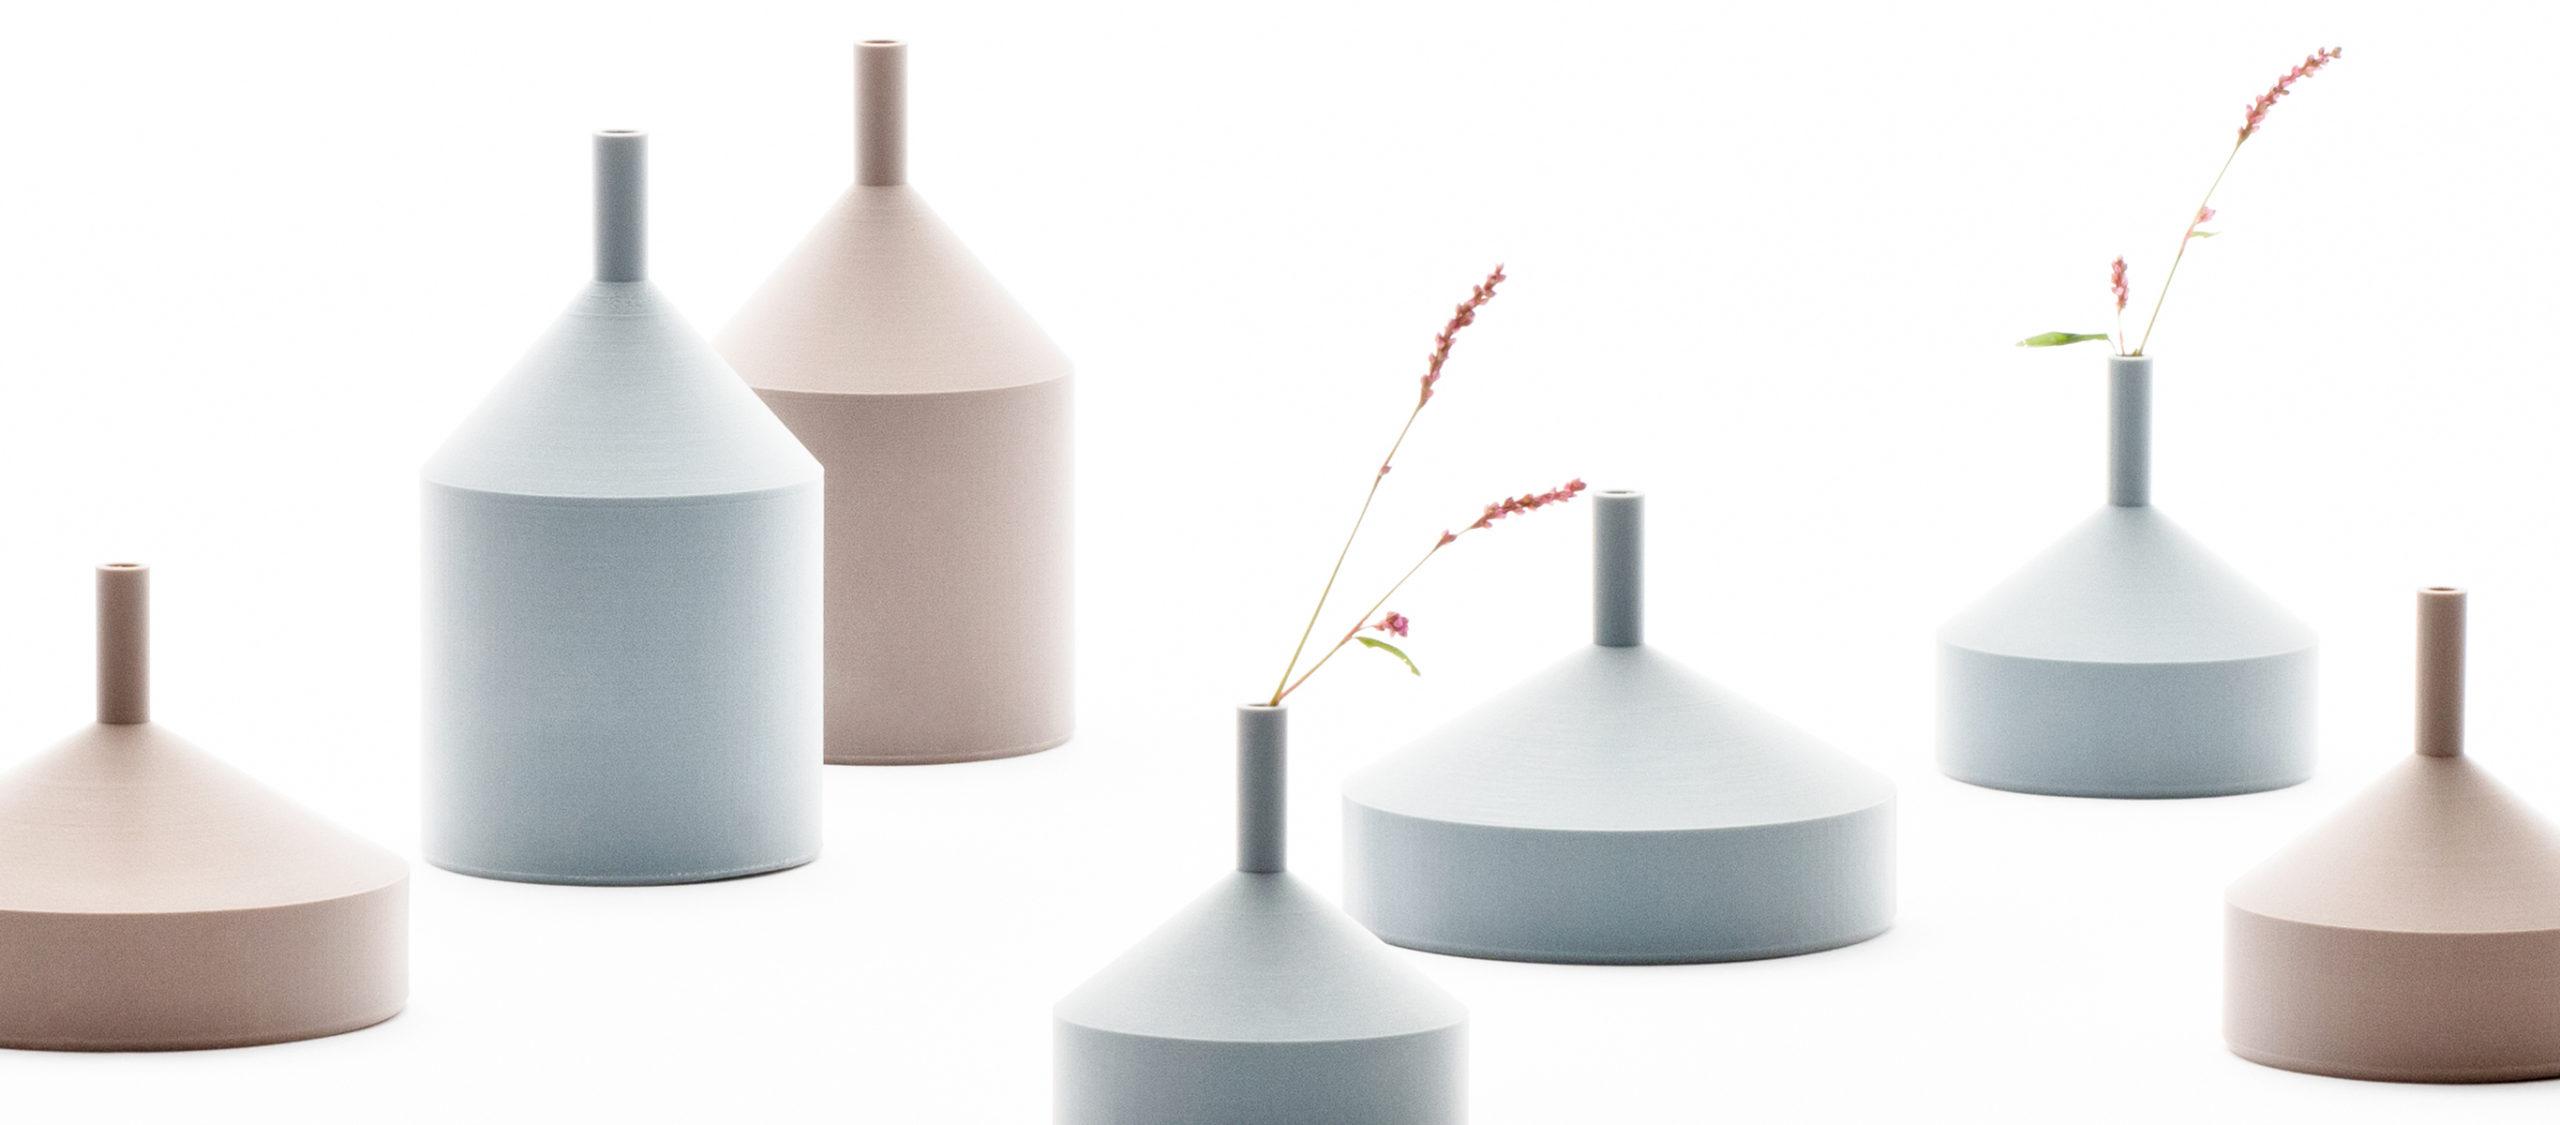 Unfinished vase